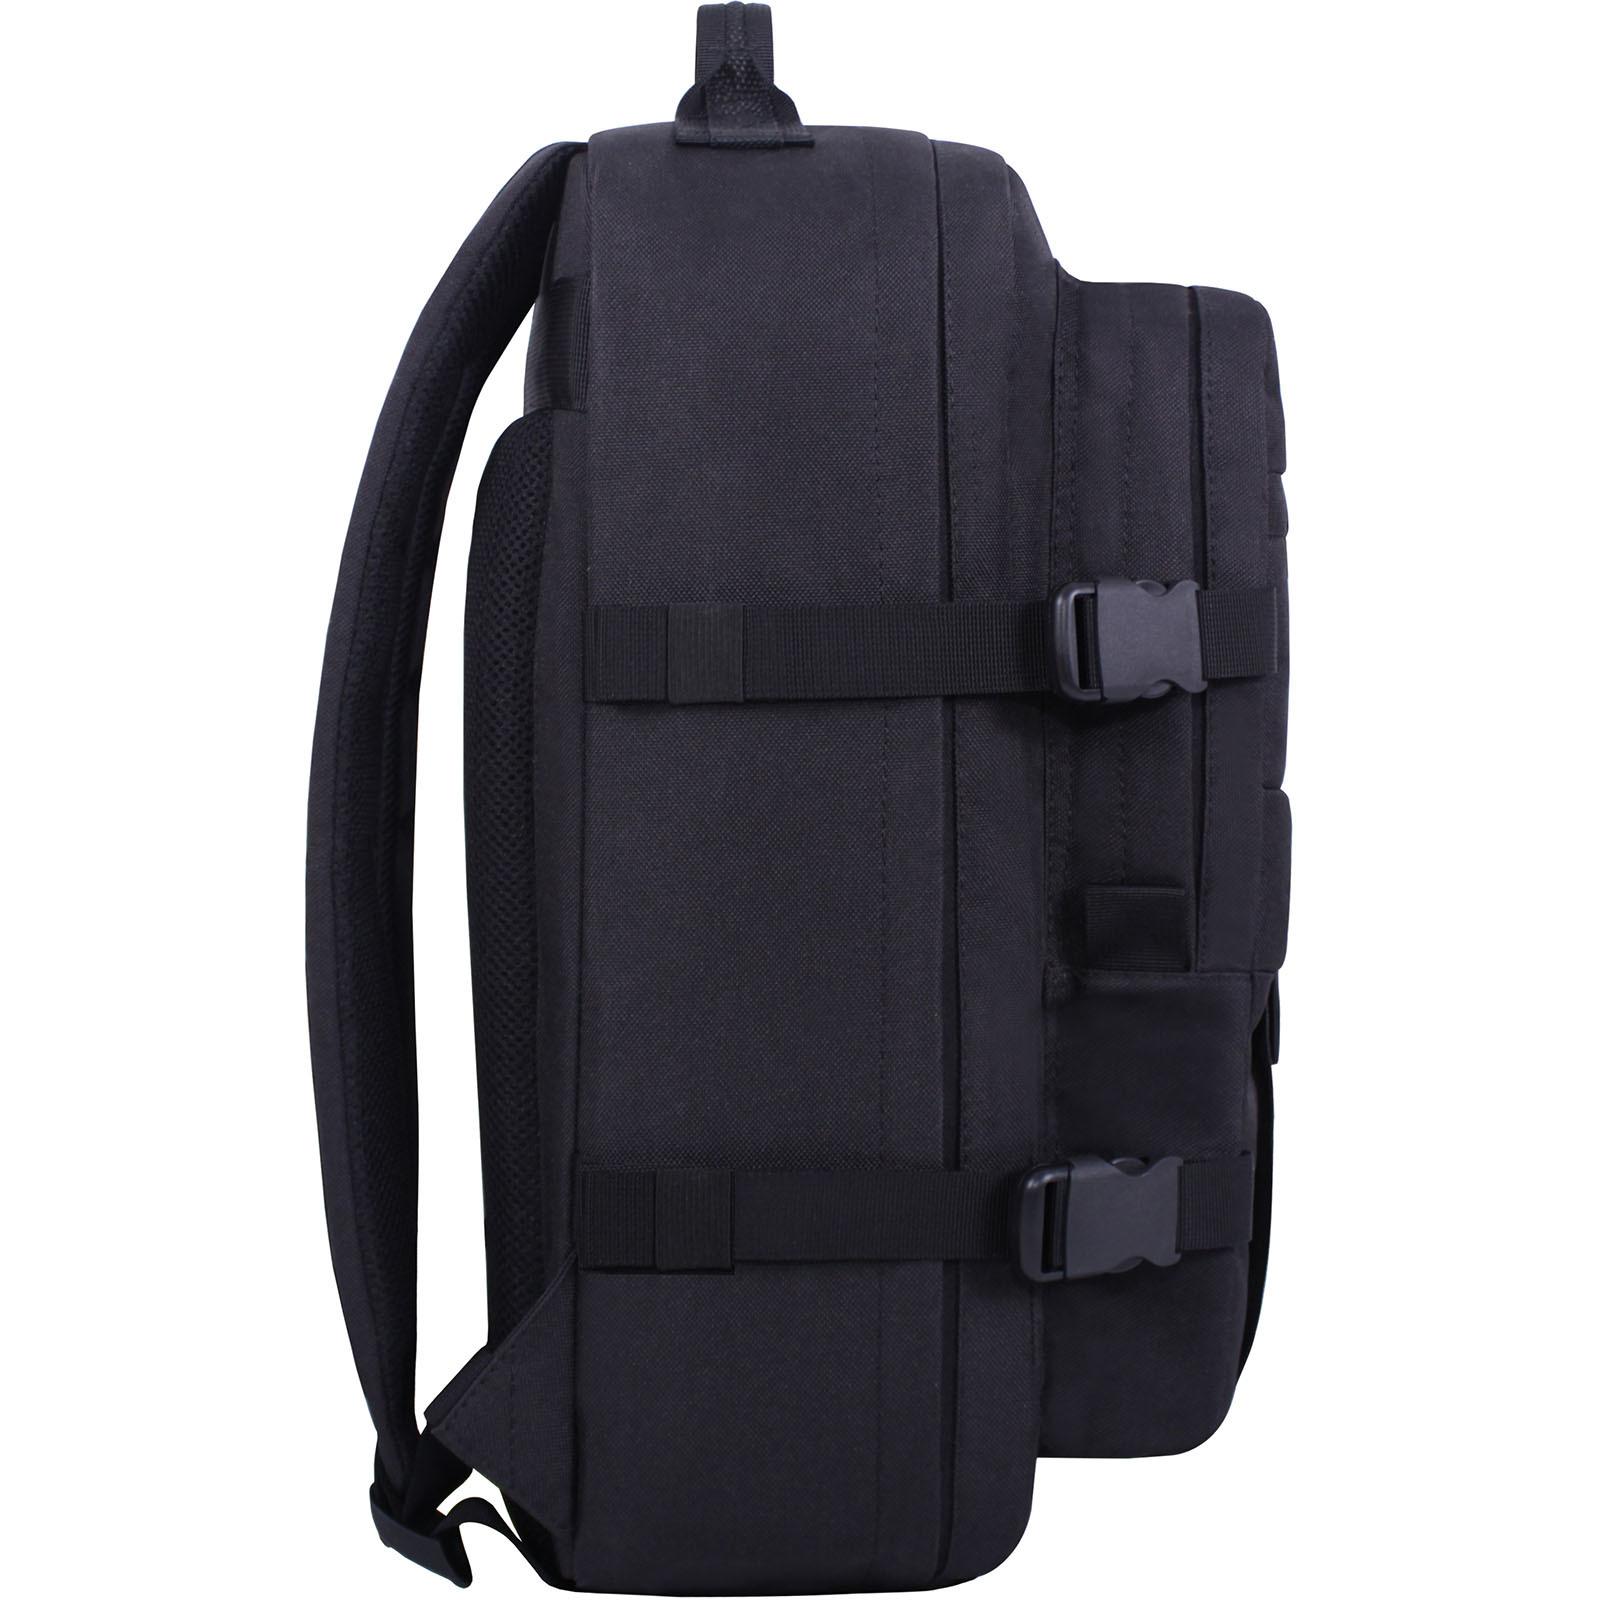 Рюкзак для ноутбука Bagland Jasper 19 л. Чёрный (0015566) фото 2